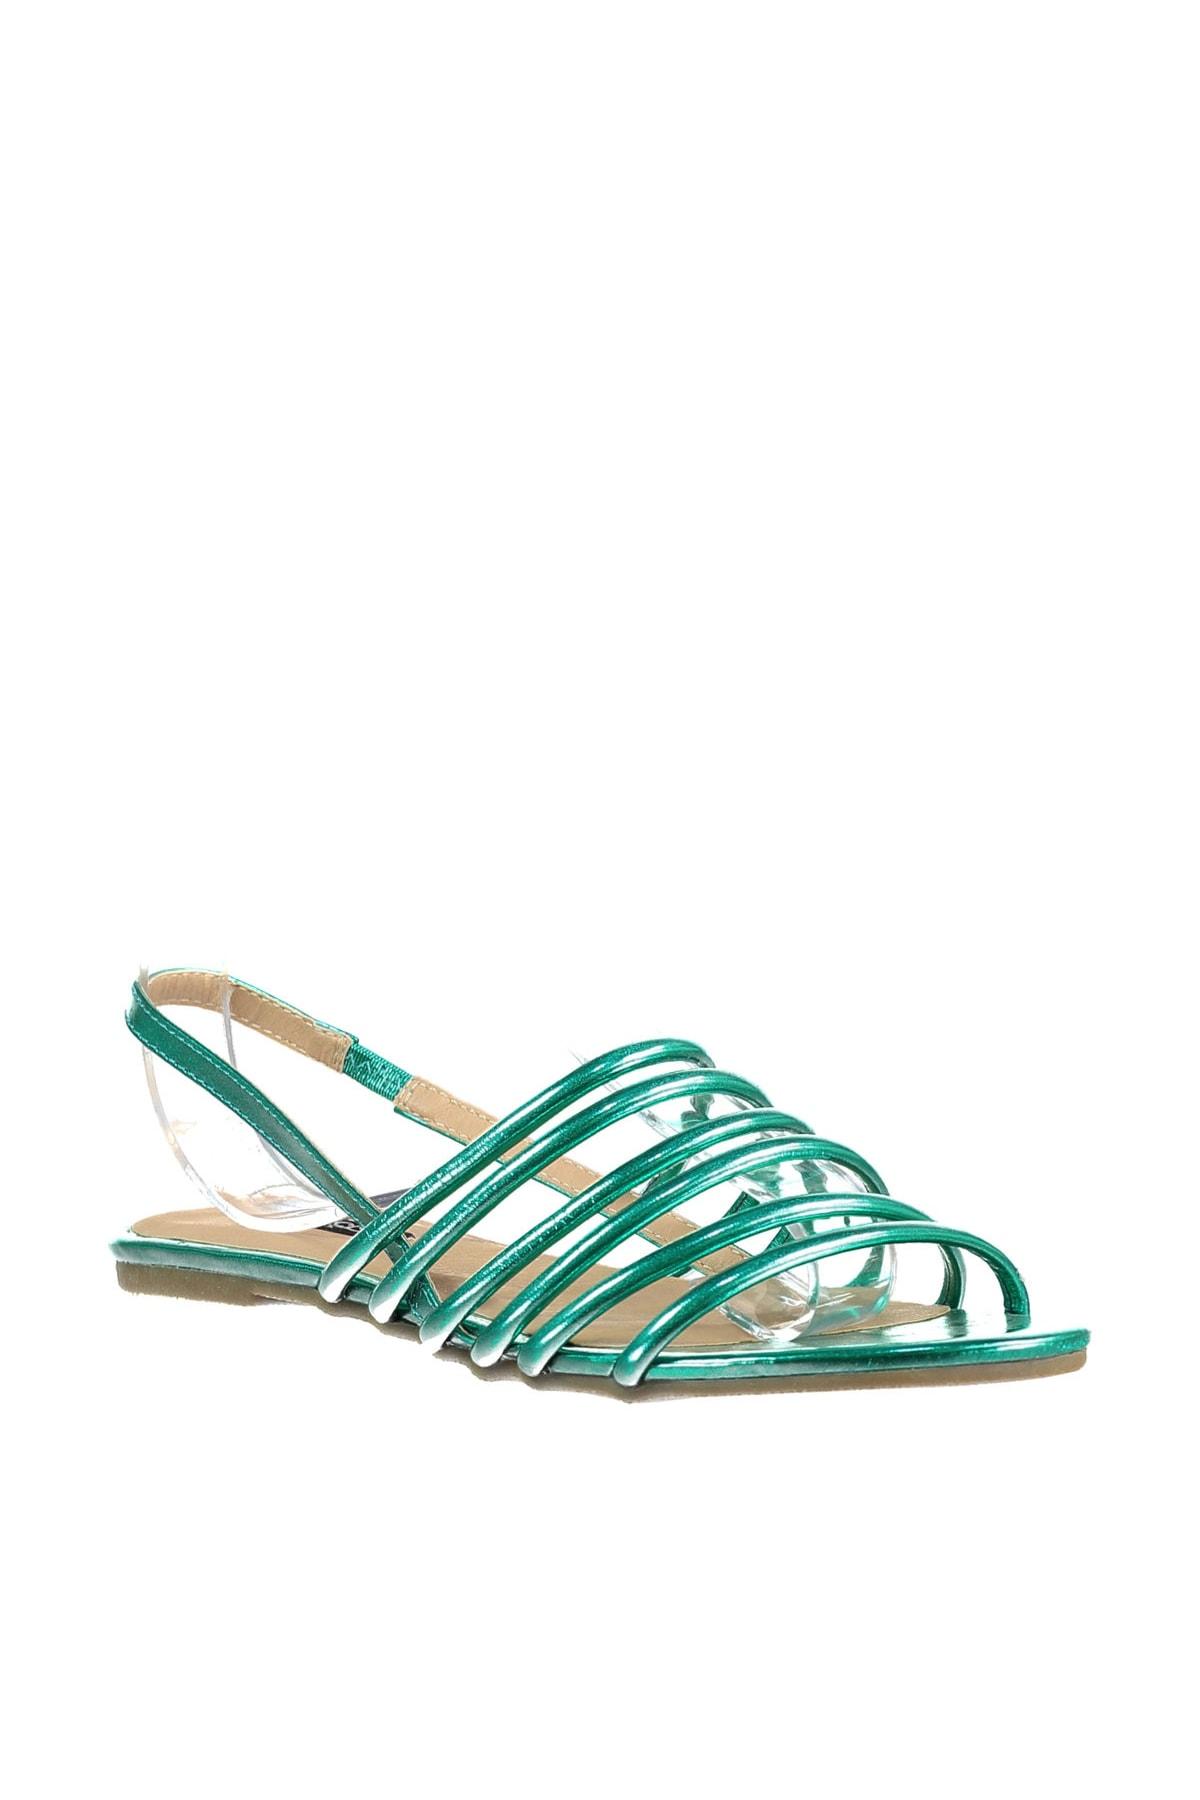 İnci Yeşil Kadın Sandalet 120116012610 1